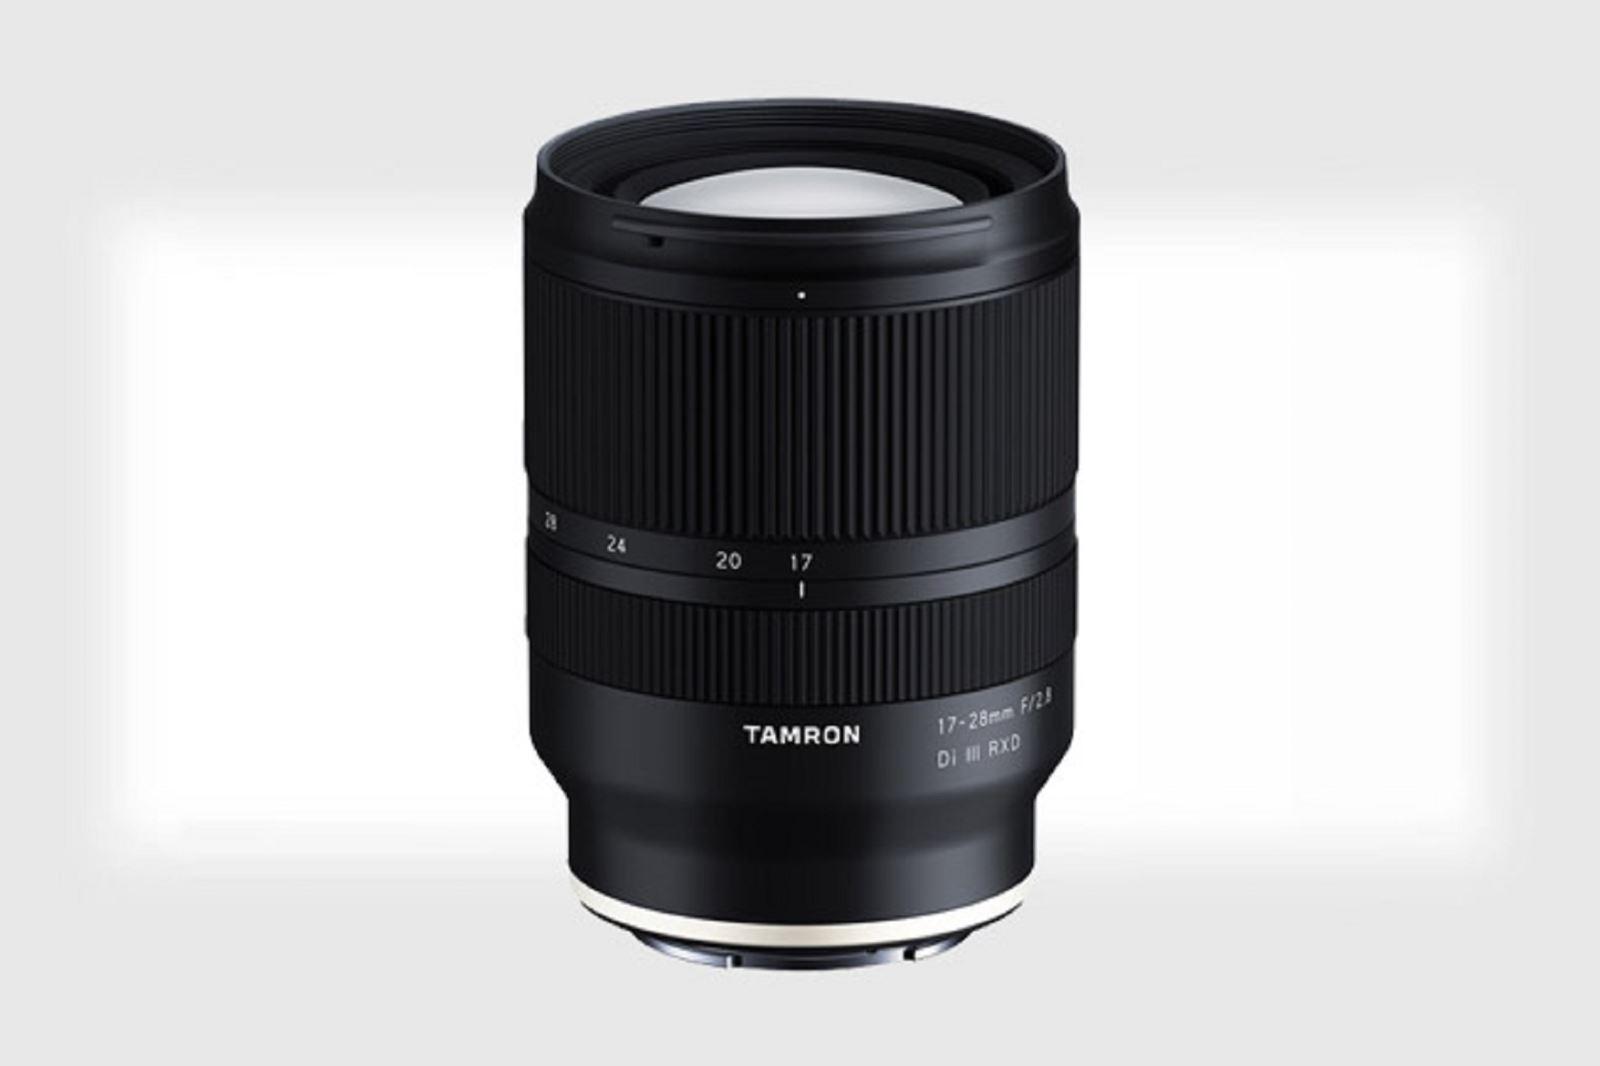 Tamron chính thức ra mắt ống kính 17-28mm F2.8 cho máy ảnh Sony FE